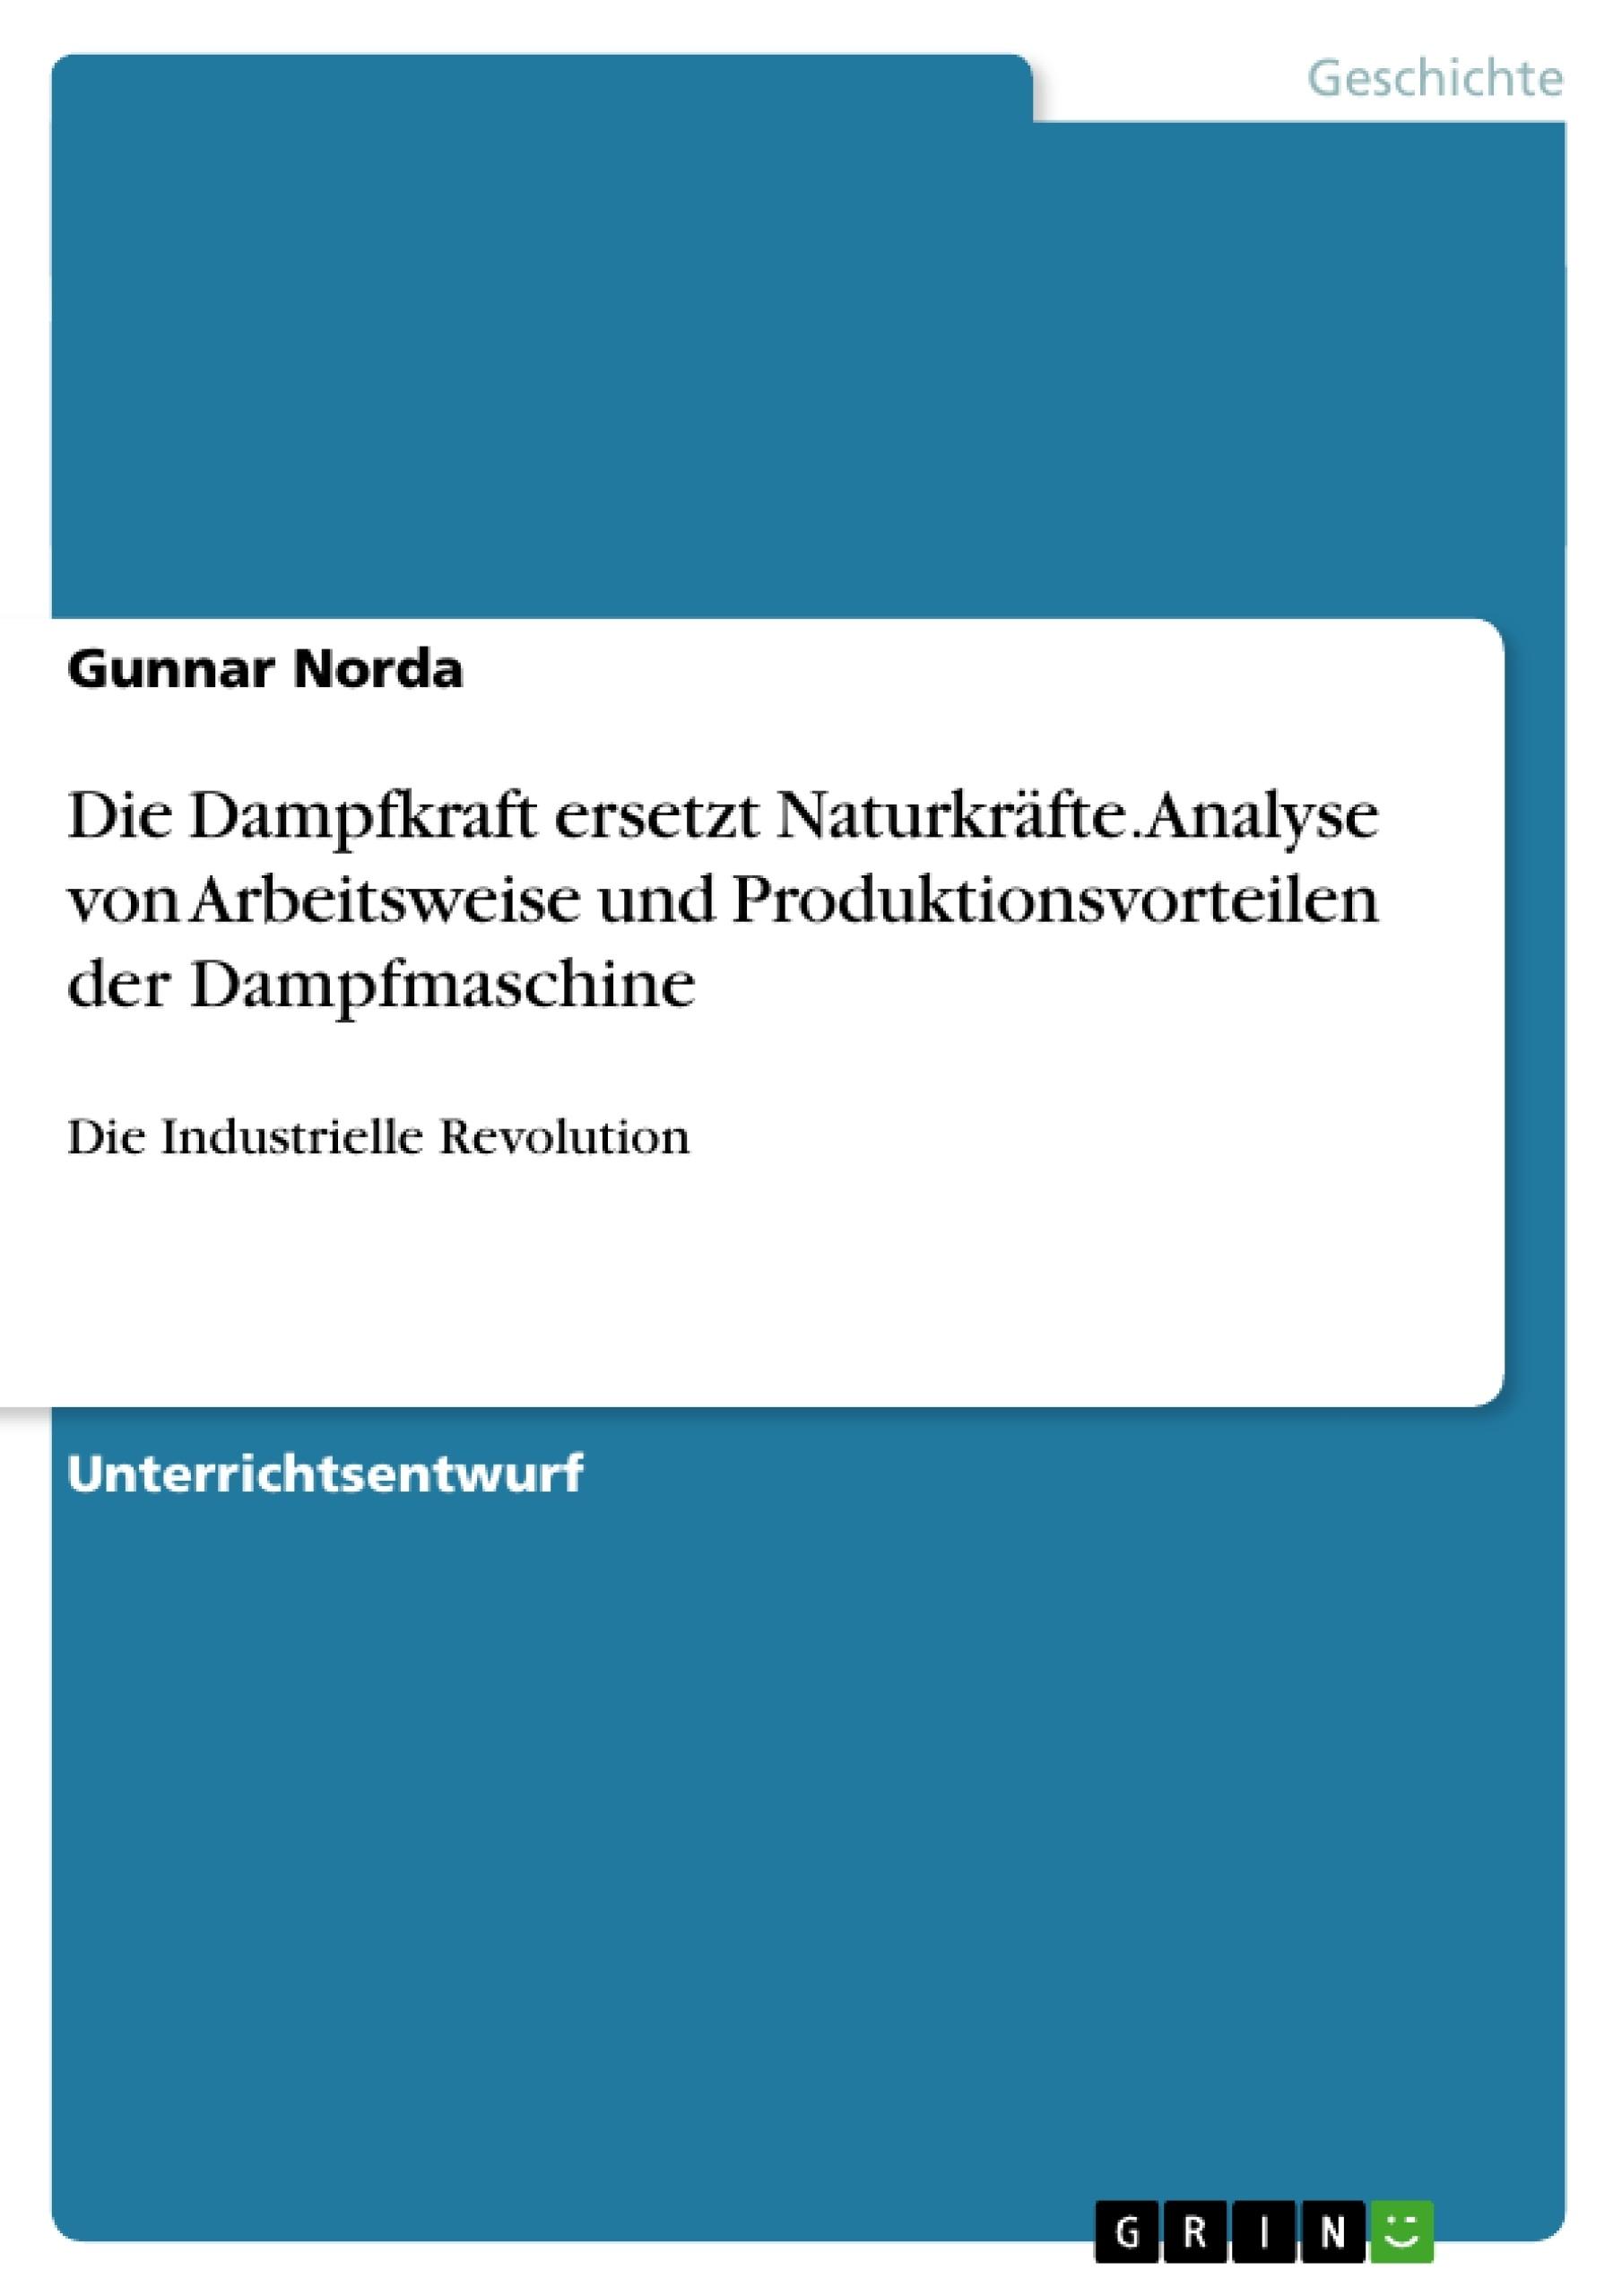 Titel: Die Dampfkraft ersetzt Naturkräfte. Analyse von Arbeitsweise und Produktionsvorteilen der Dampfmaschine